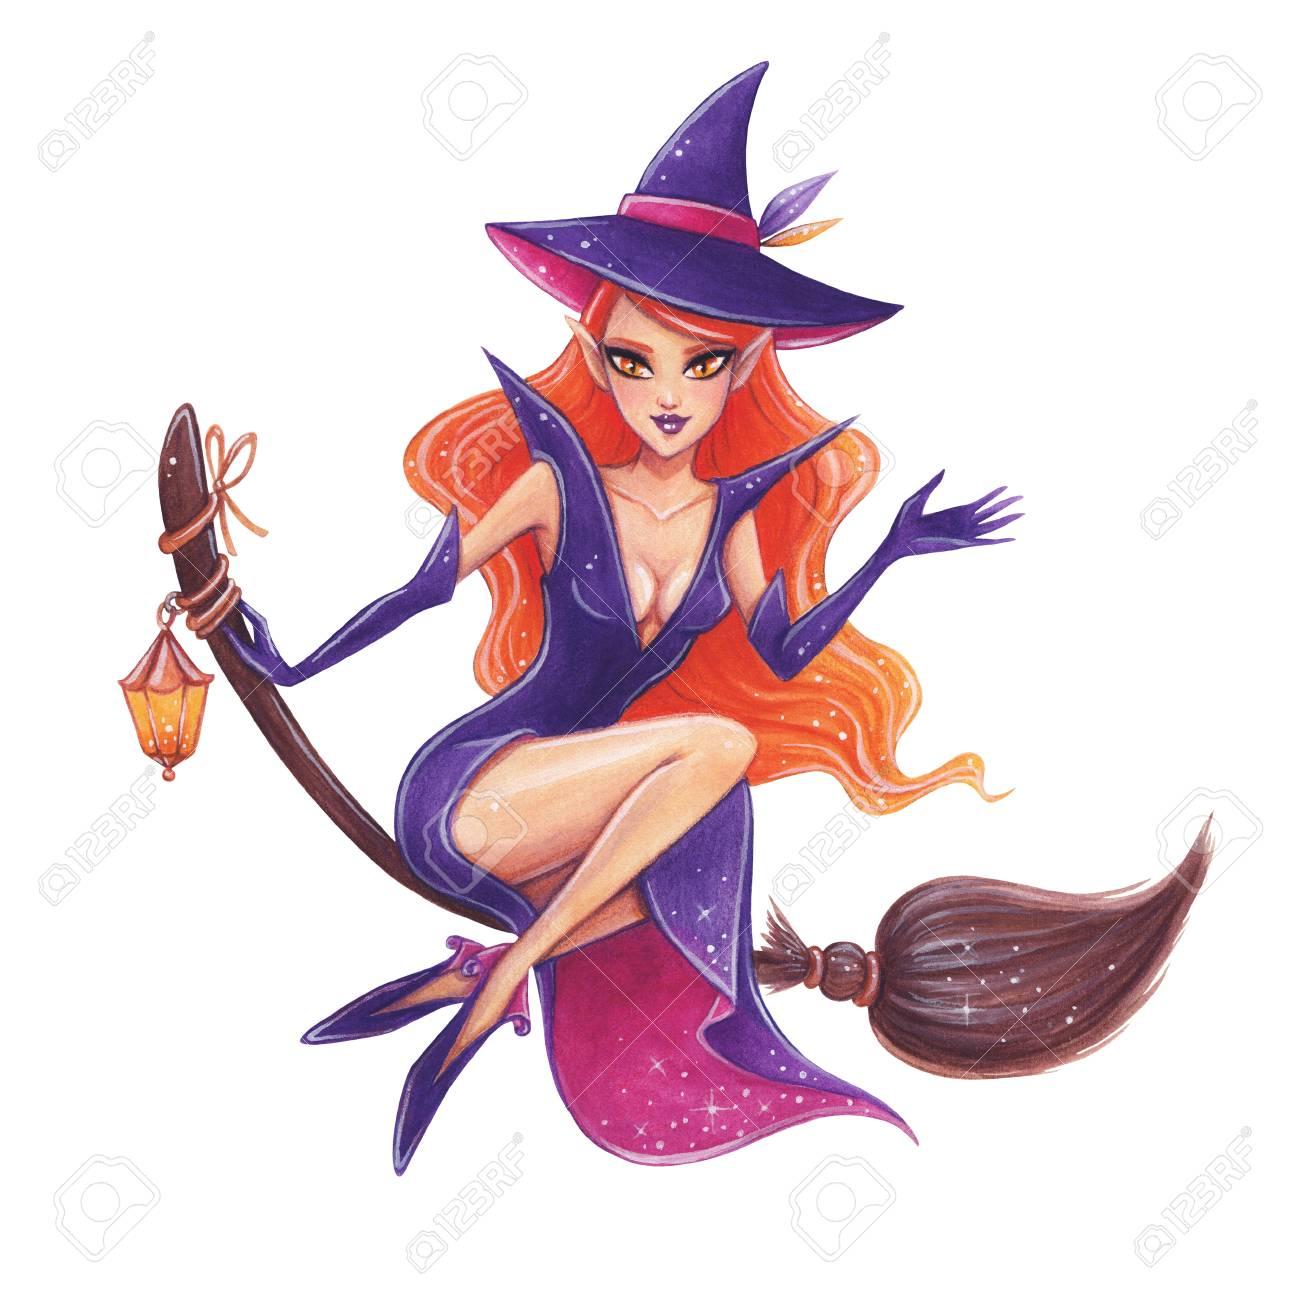 ハロウィーンの手描きイラストかわいい魔女ほうき の写真素材画像